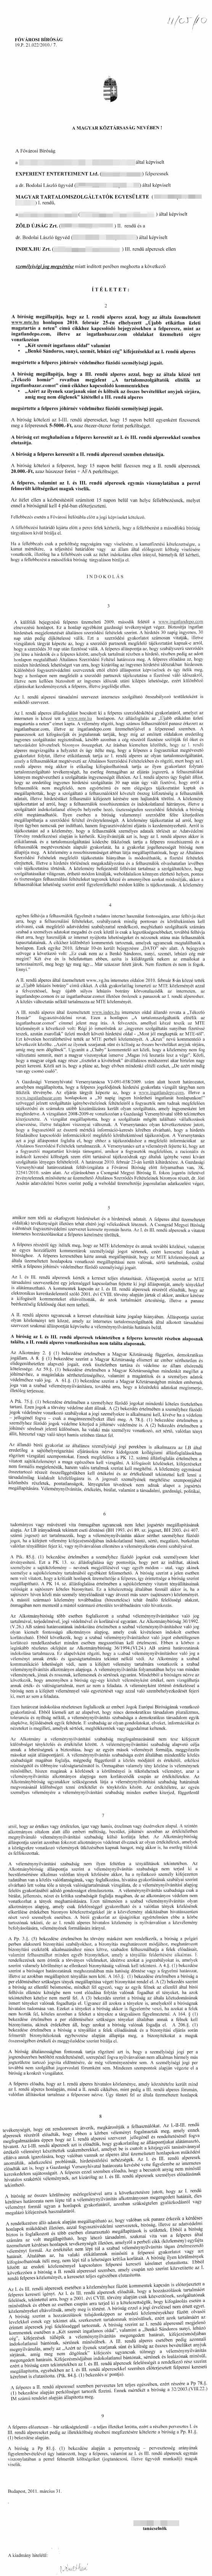 internetes kereseti törvény demo terminál bináris opciók